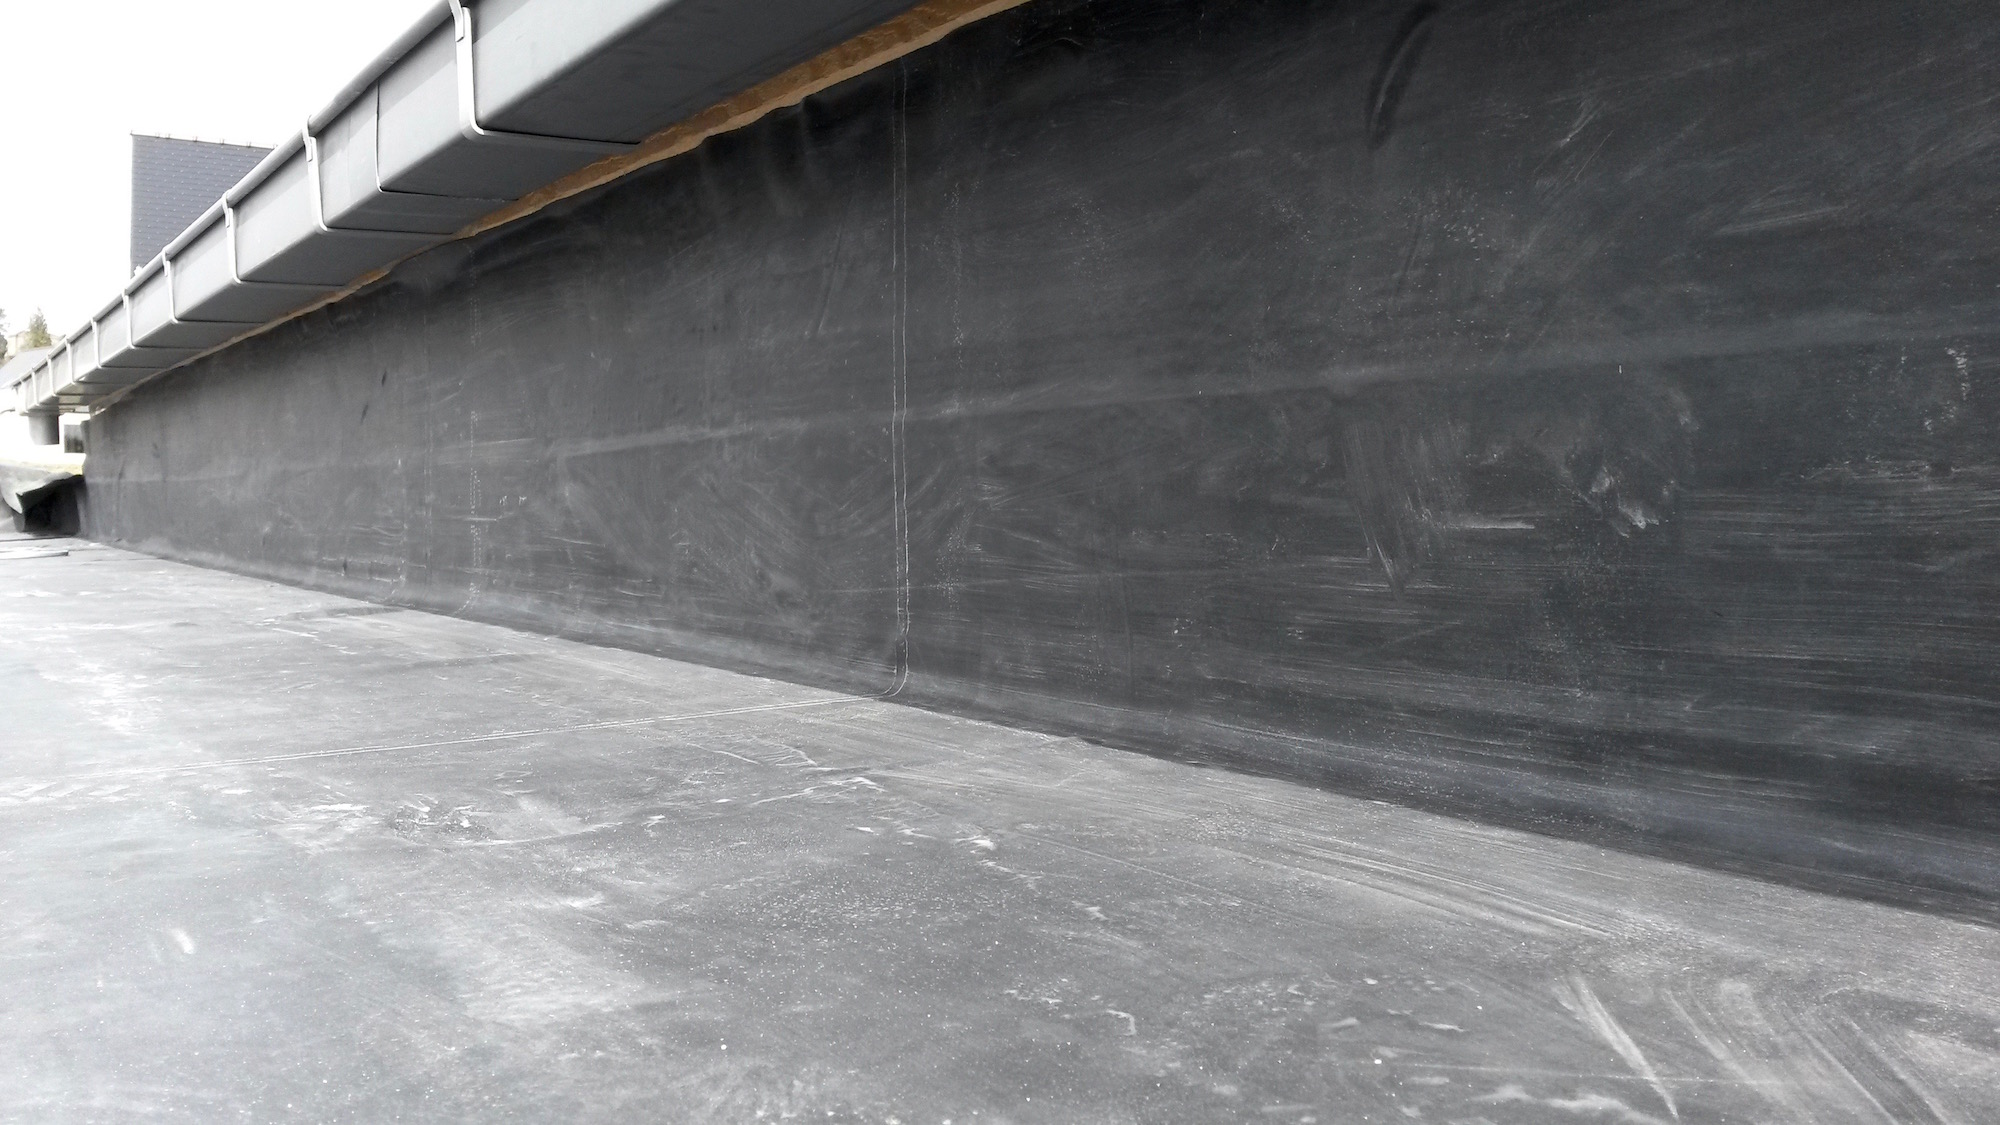 rparation gouttire excellent nettoyage de gouttire with rparation gouttire profil reparation. Black Bedroom Furniture Sets. Home Design Ideas